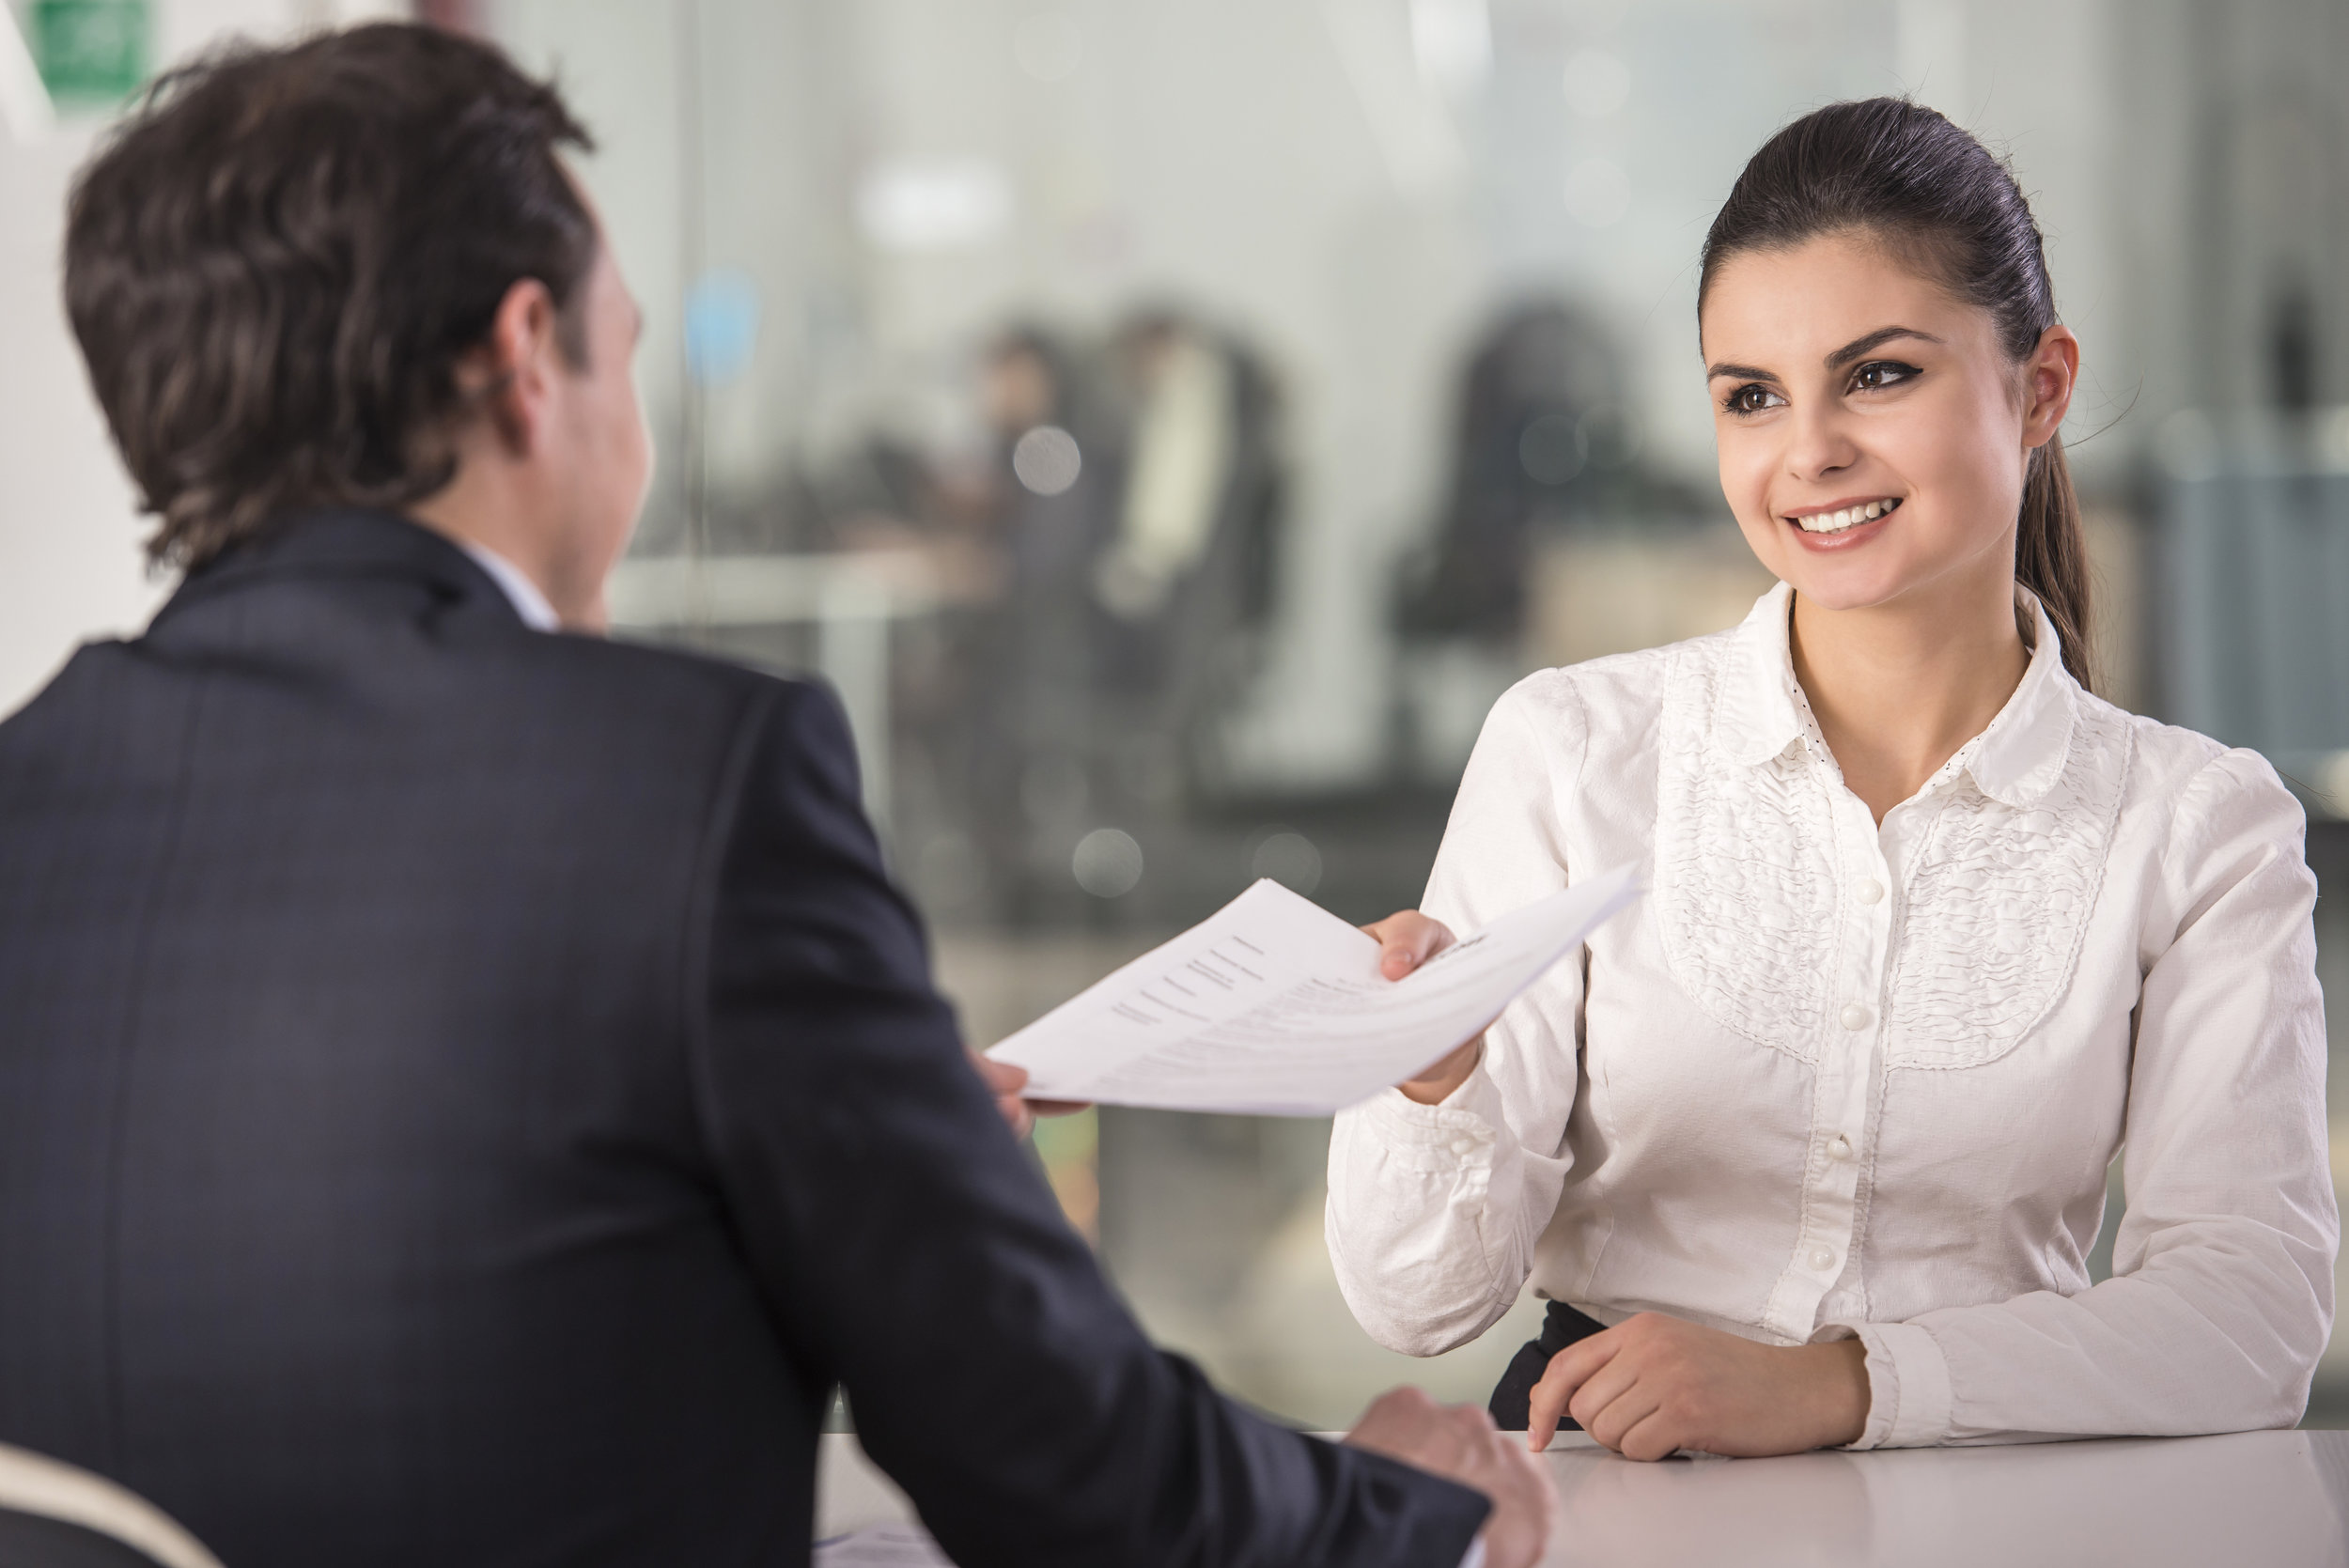 Get A Graduate Job Interview Horror Stories